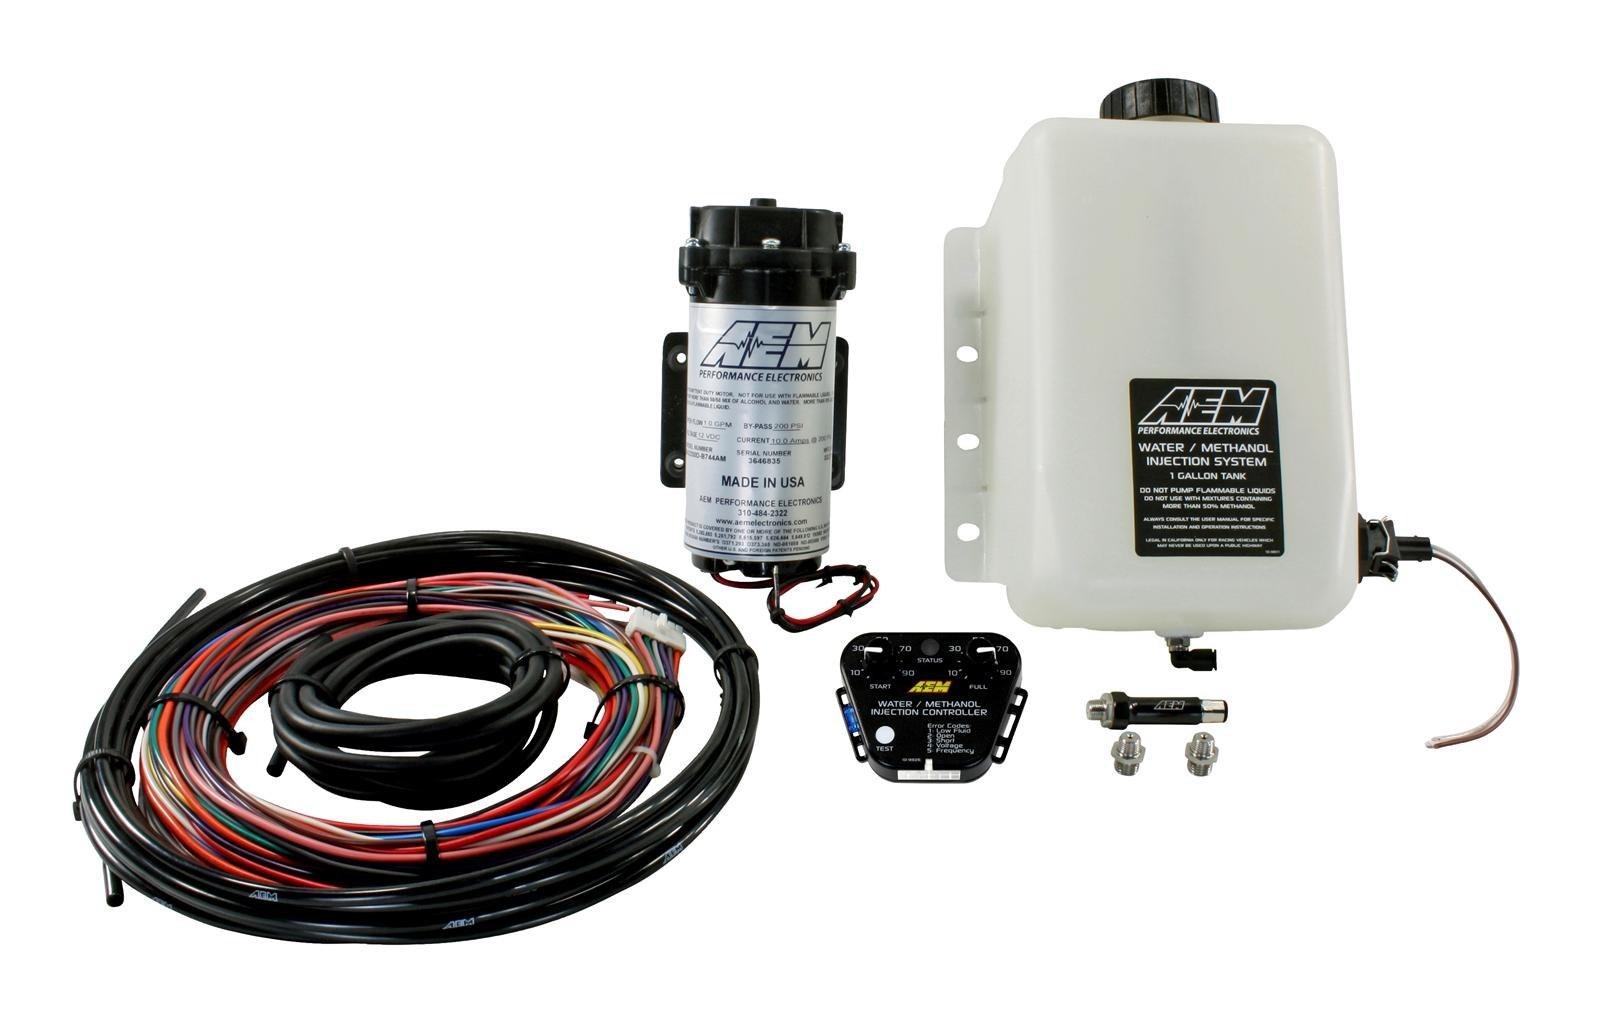 Zestaw wtrysku wody/metanolu AEM V2 + Kontroler - GRUBYGARAGE - Sklep Tuningowy